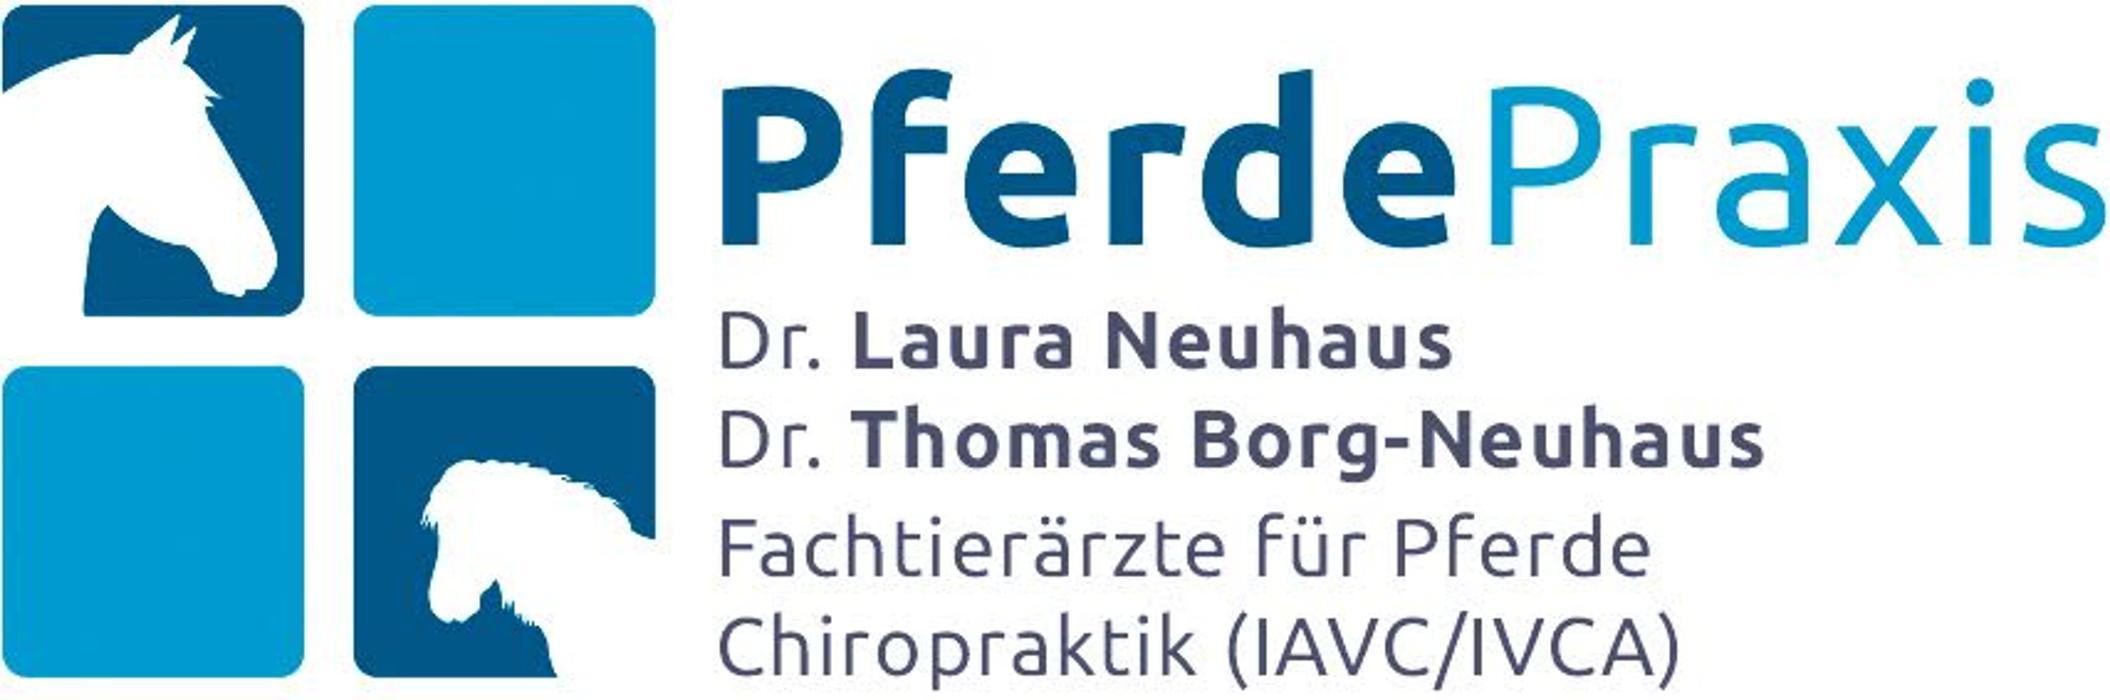 Bild zu Pferdepraxis Dr. Neuhaus & Dr. Borg-Neuhaus in Dortmund